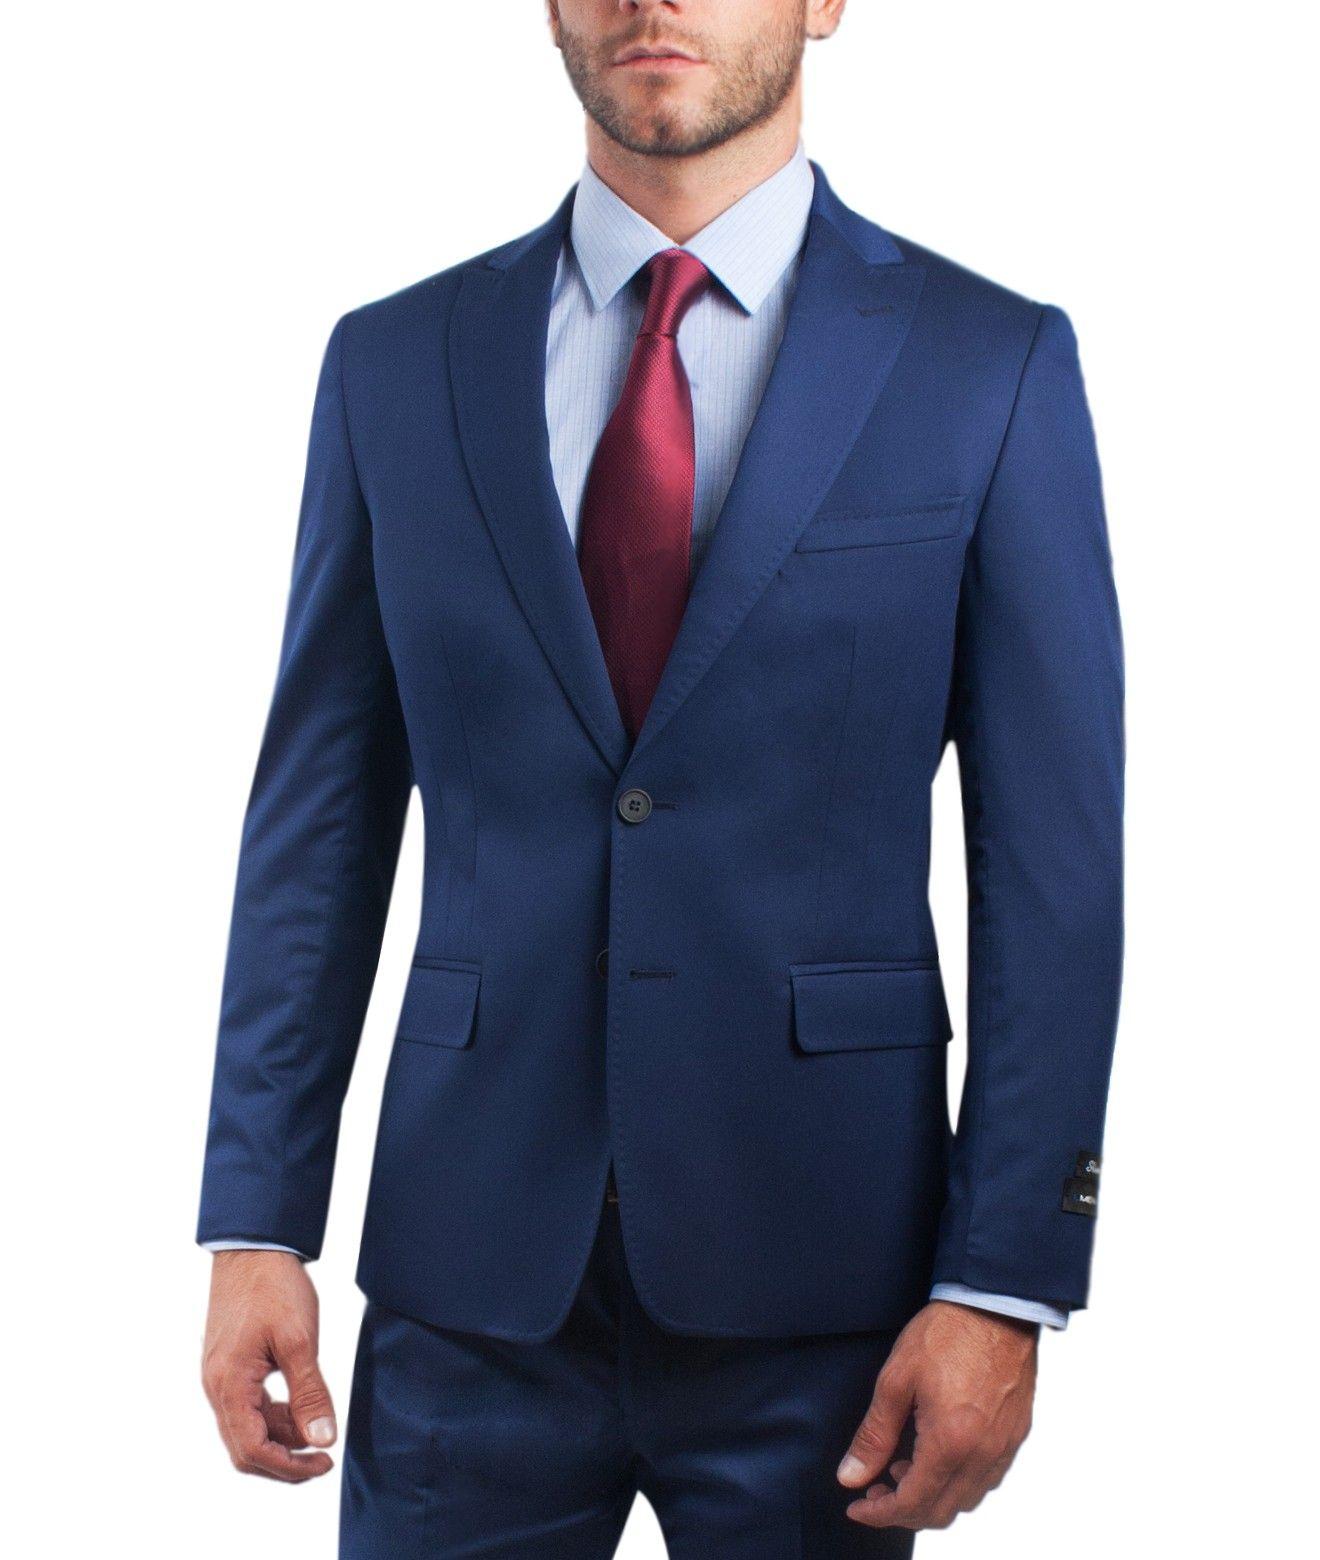 calidad de marca compra especial mejor calidad Traje Lmental Azul … | Trajes | Traje azul hombre, Trajes ...